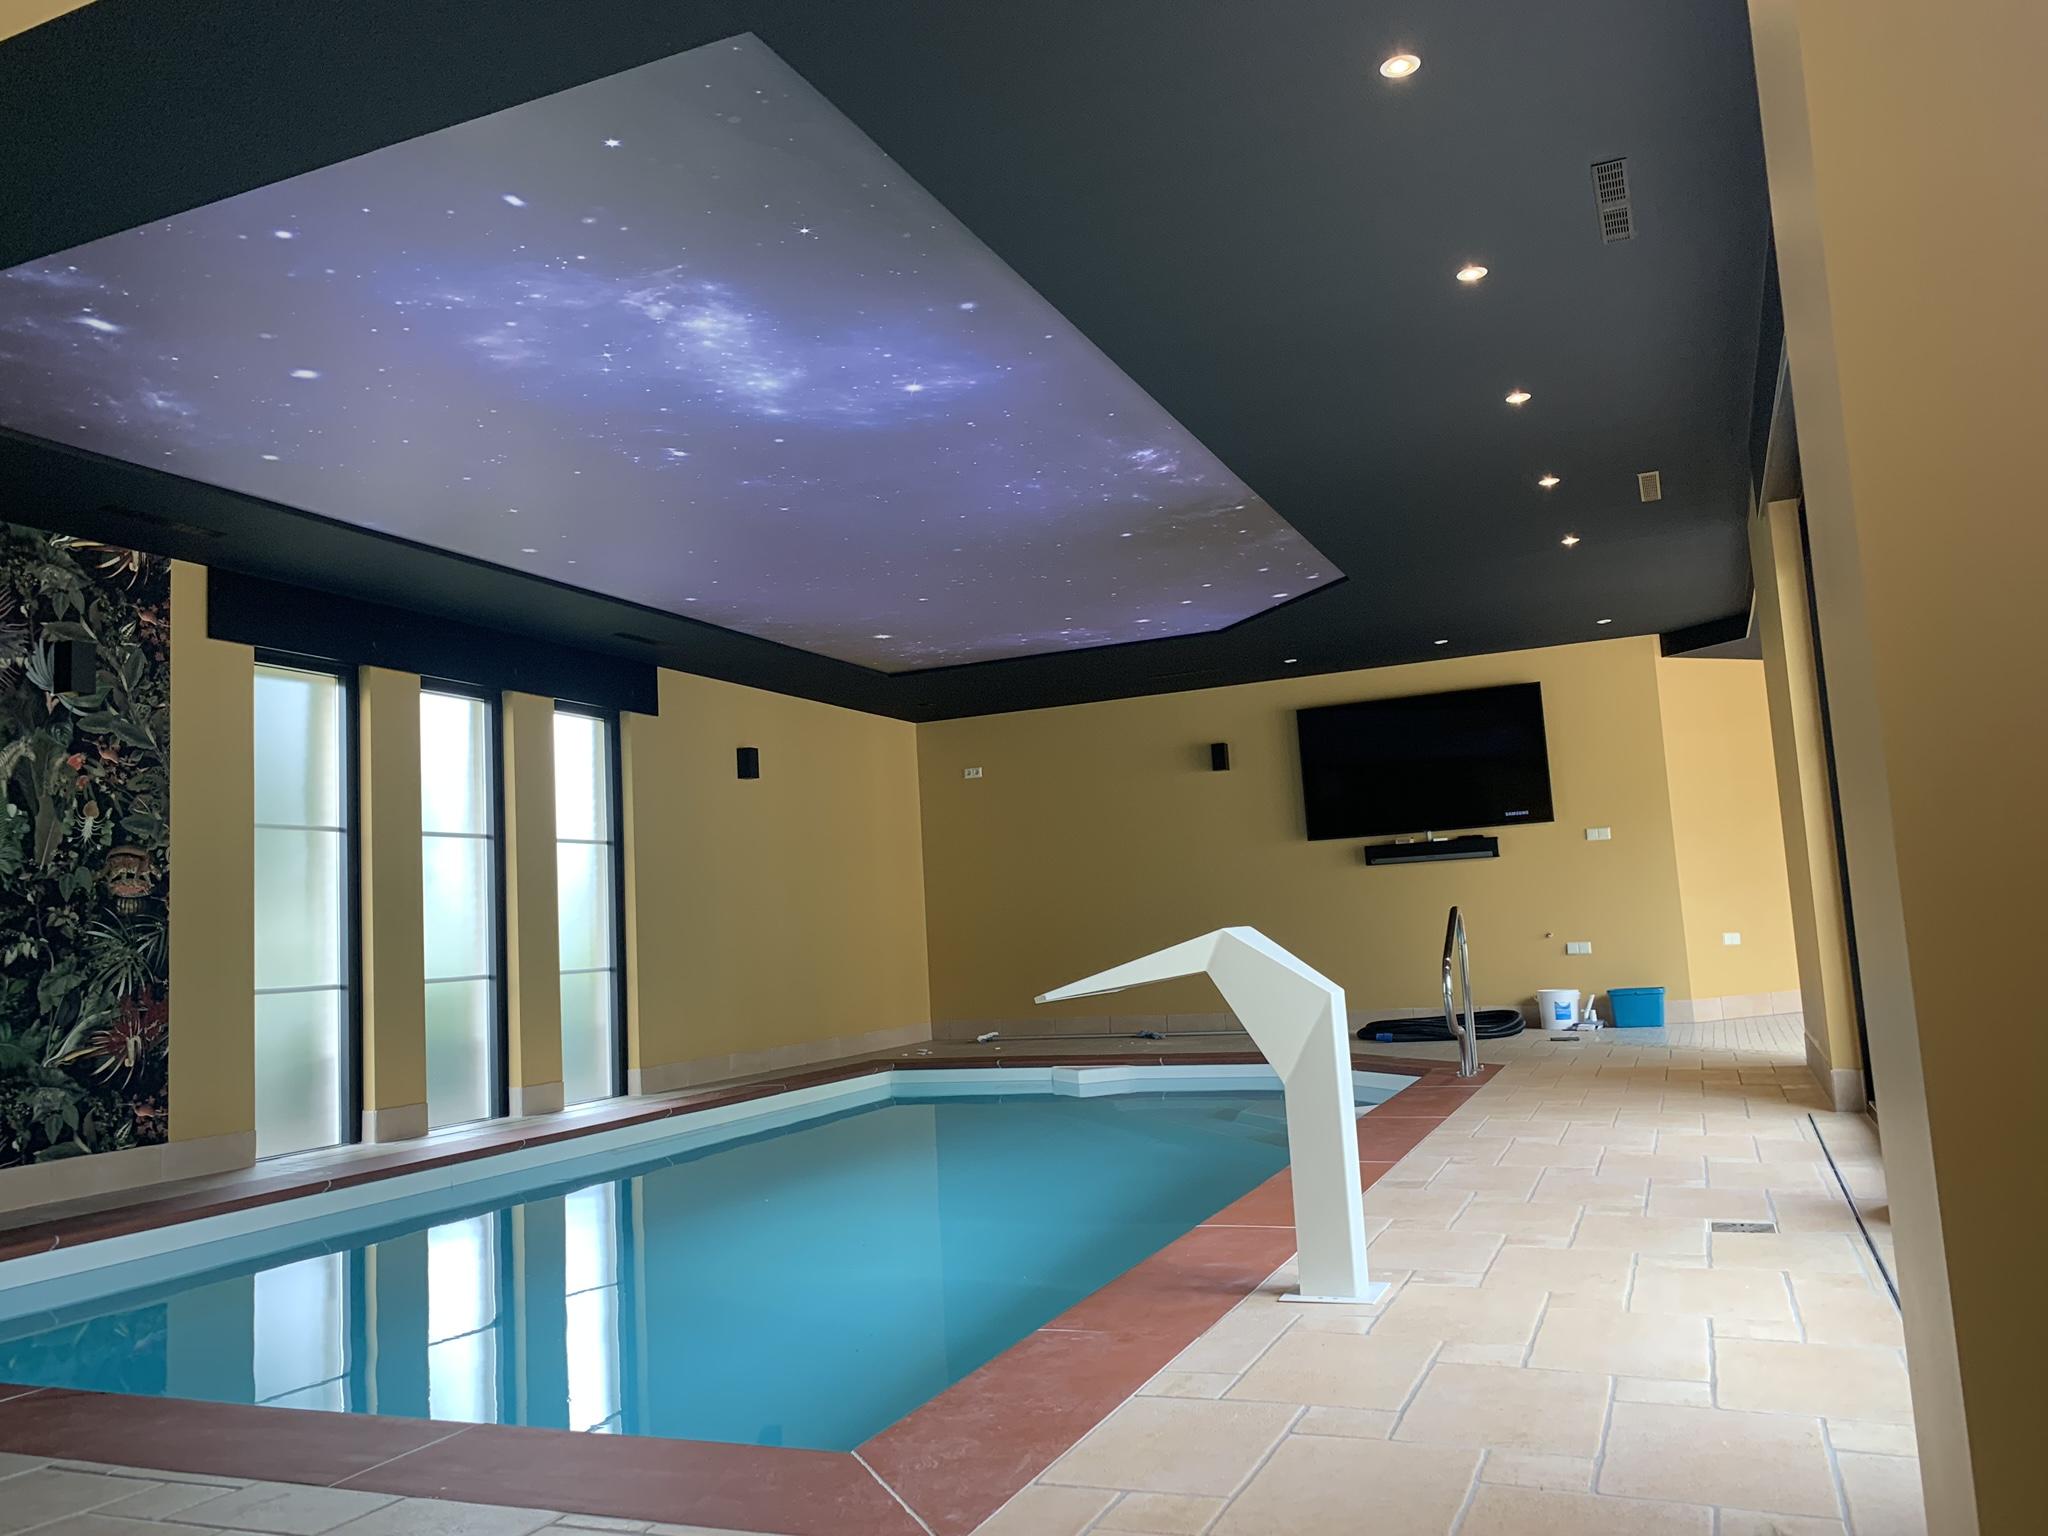 een helaal in uw verlichte plafond boven een zwembad